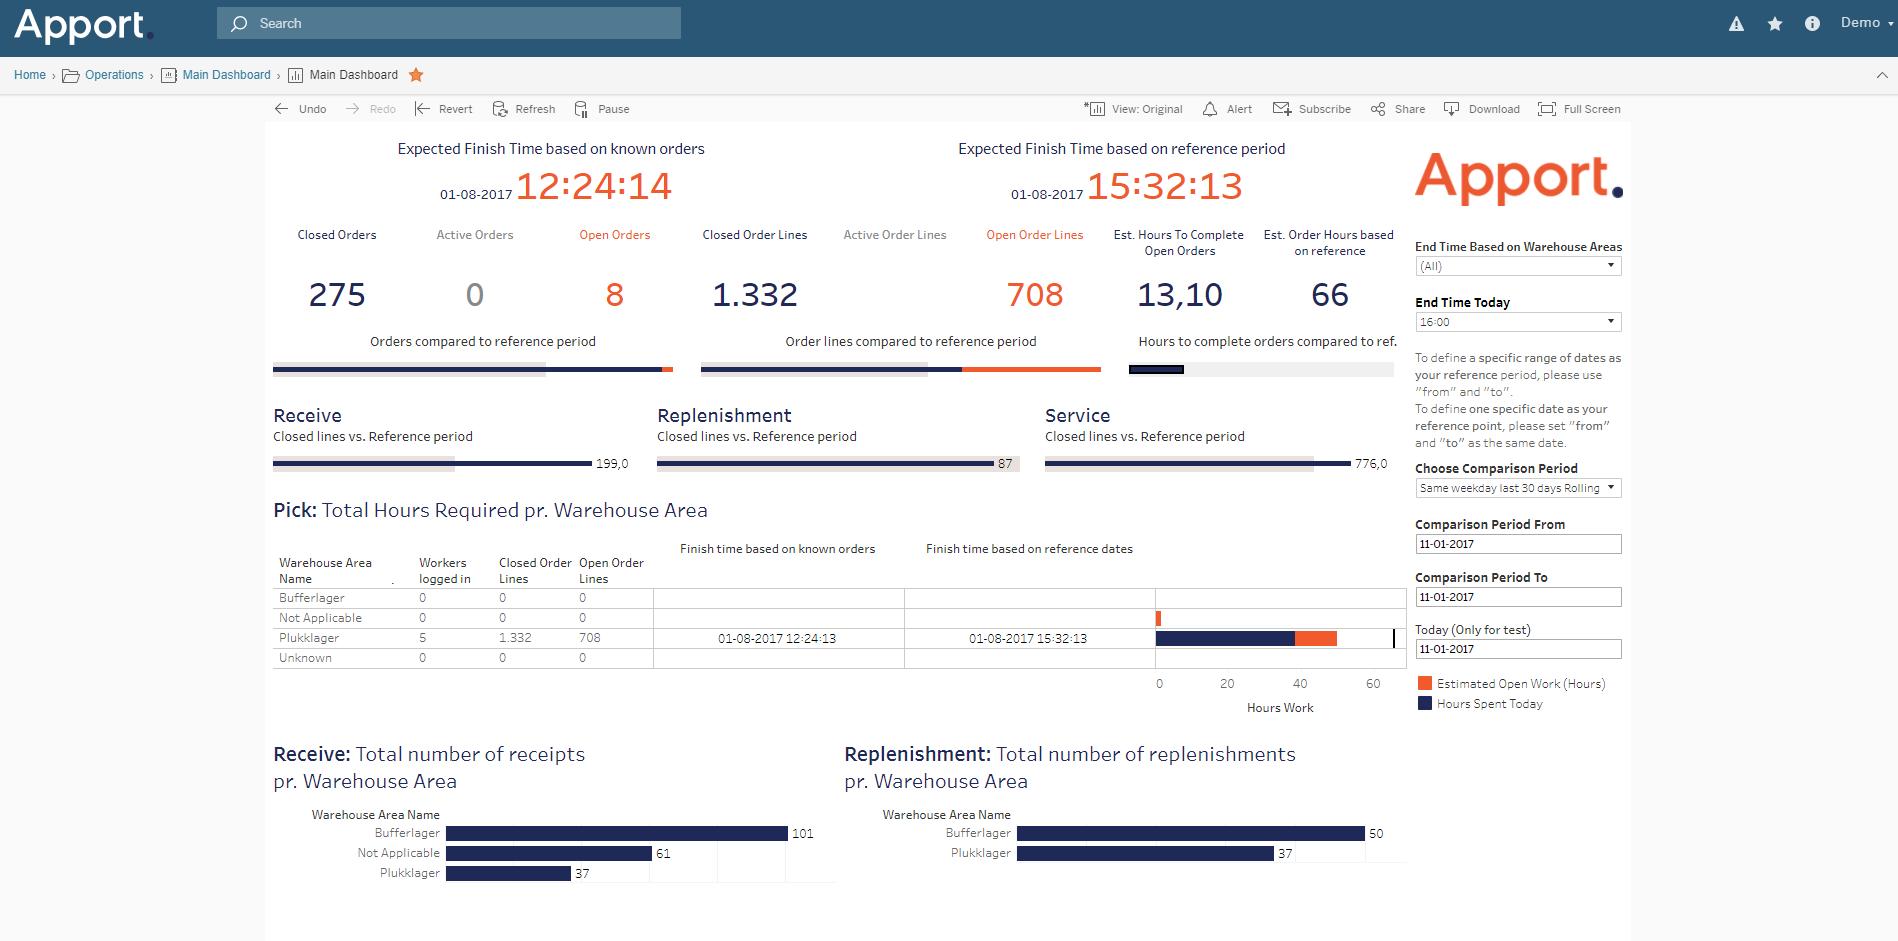 Apport Data Analyzer (BI)